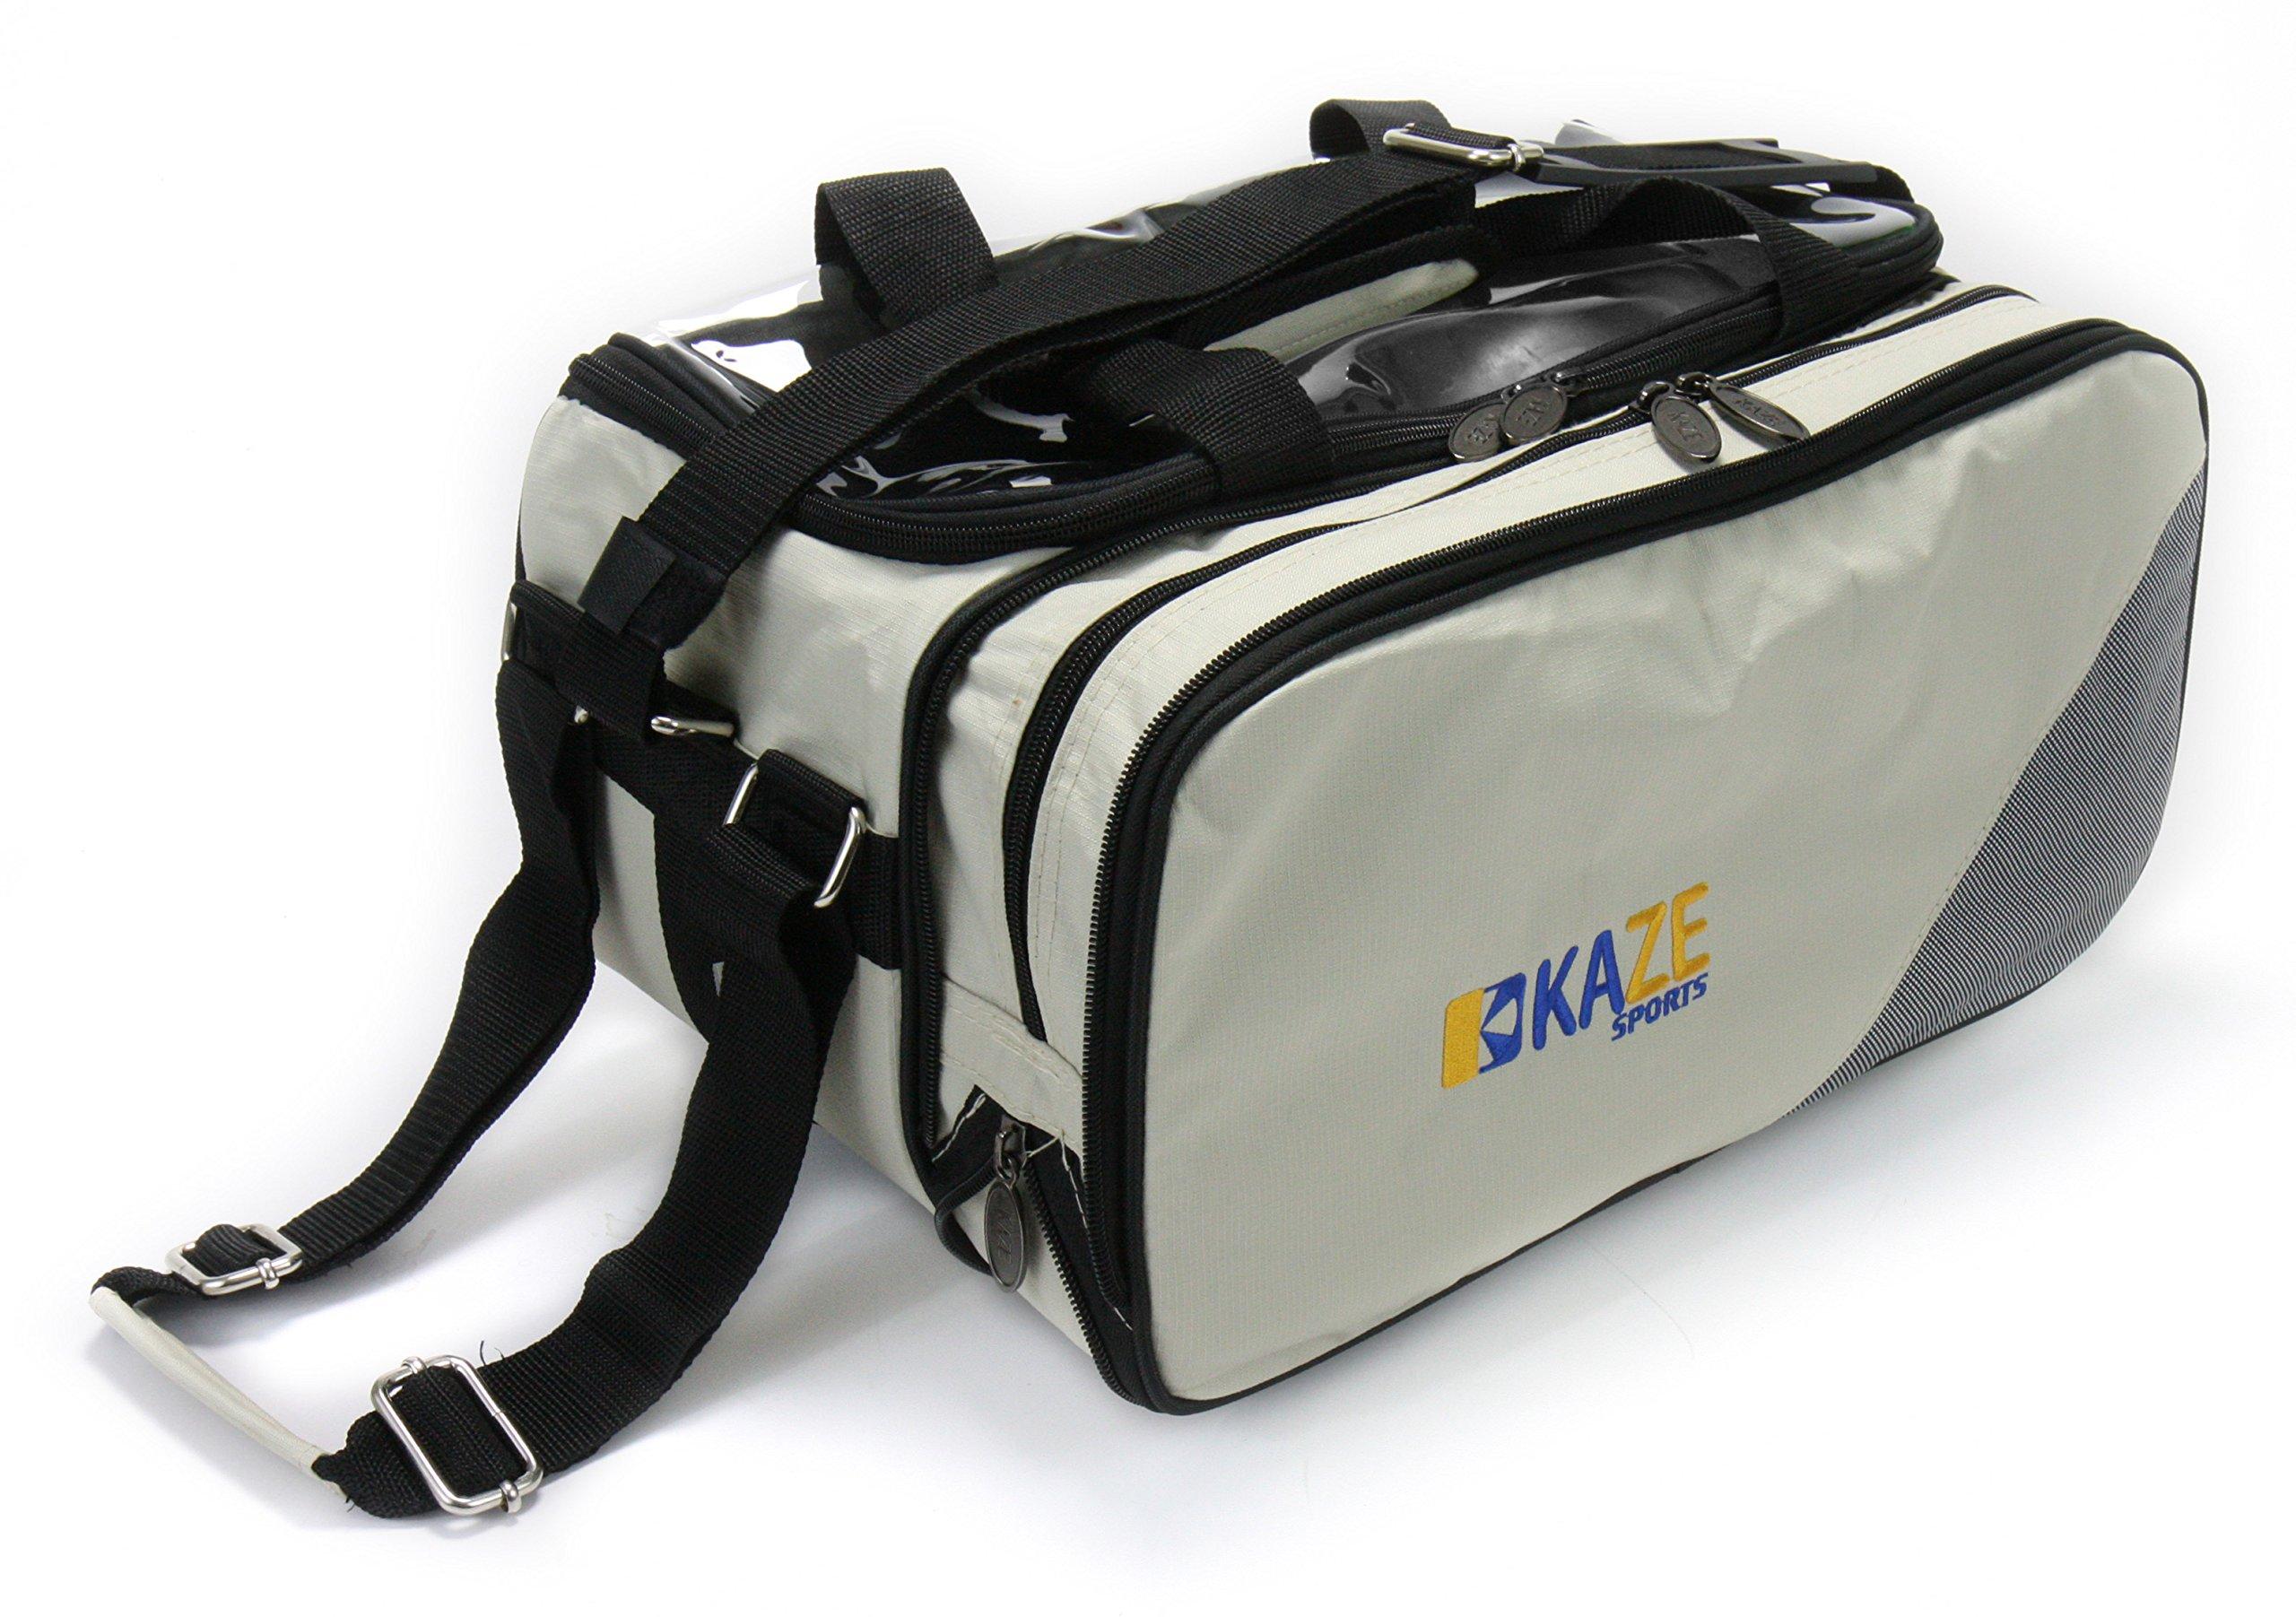 KAZE SPORTS 2 Ball Compact Bowling Roller, Gray/Beige